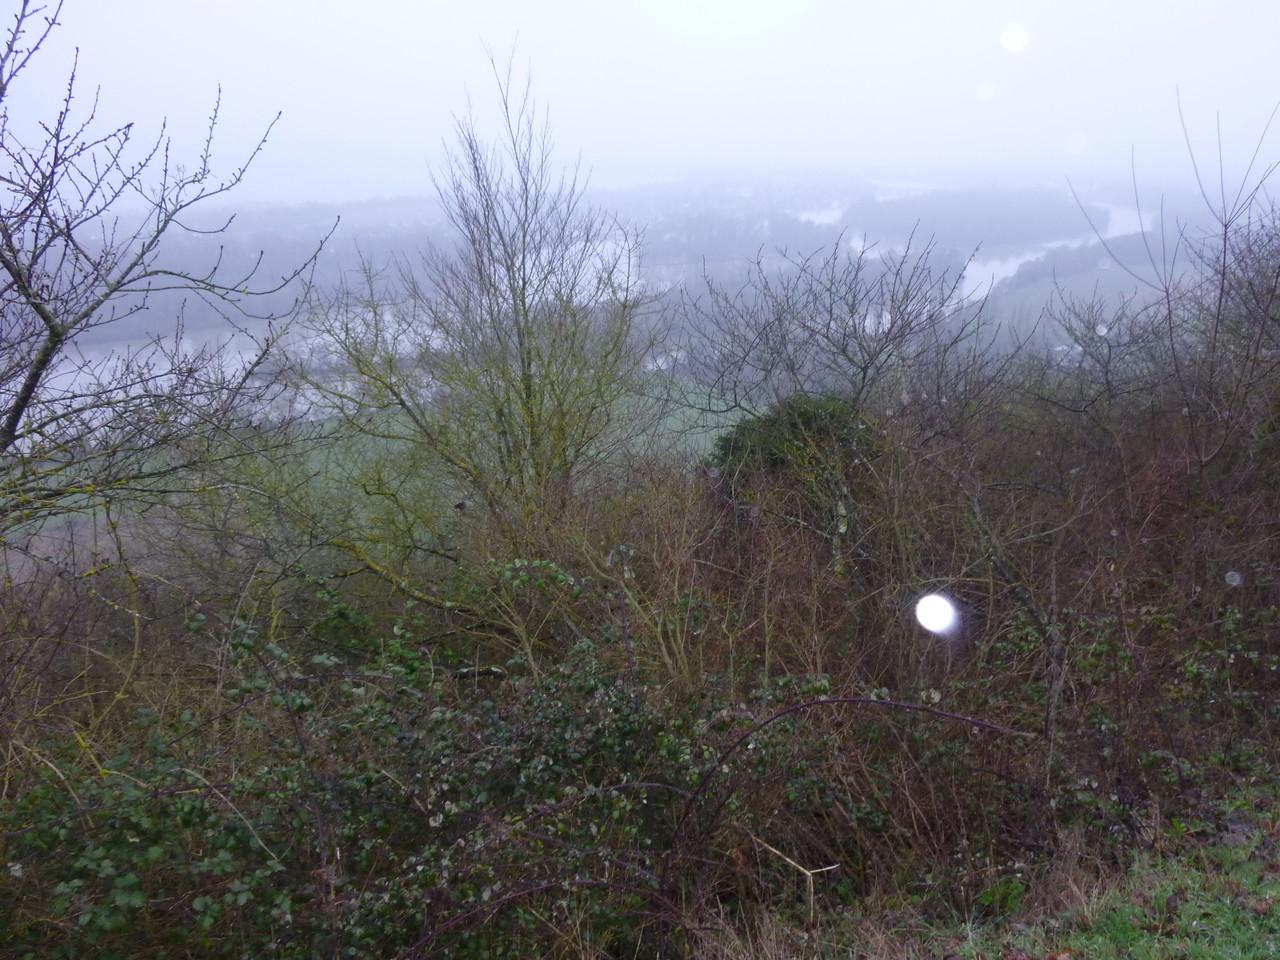 Le panorama de la côte des deux amants, sous la brume, dommage